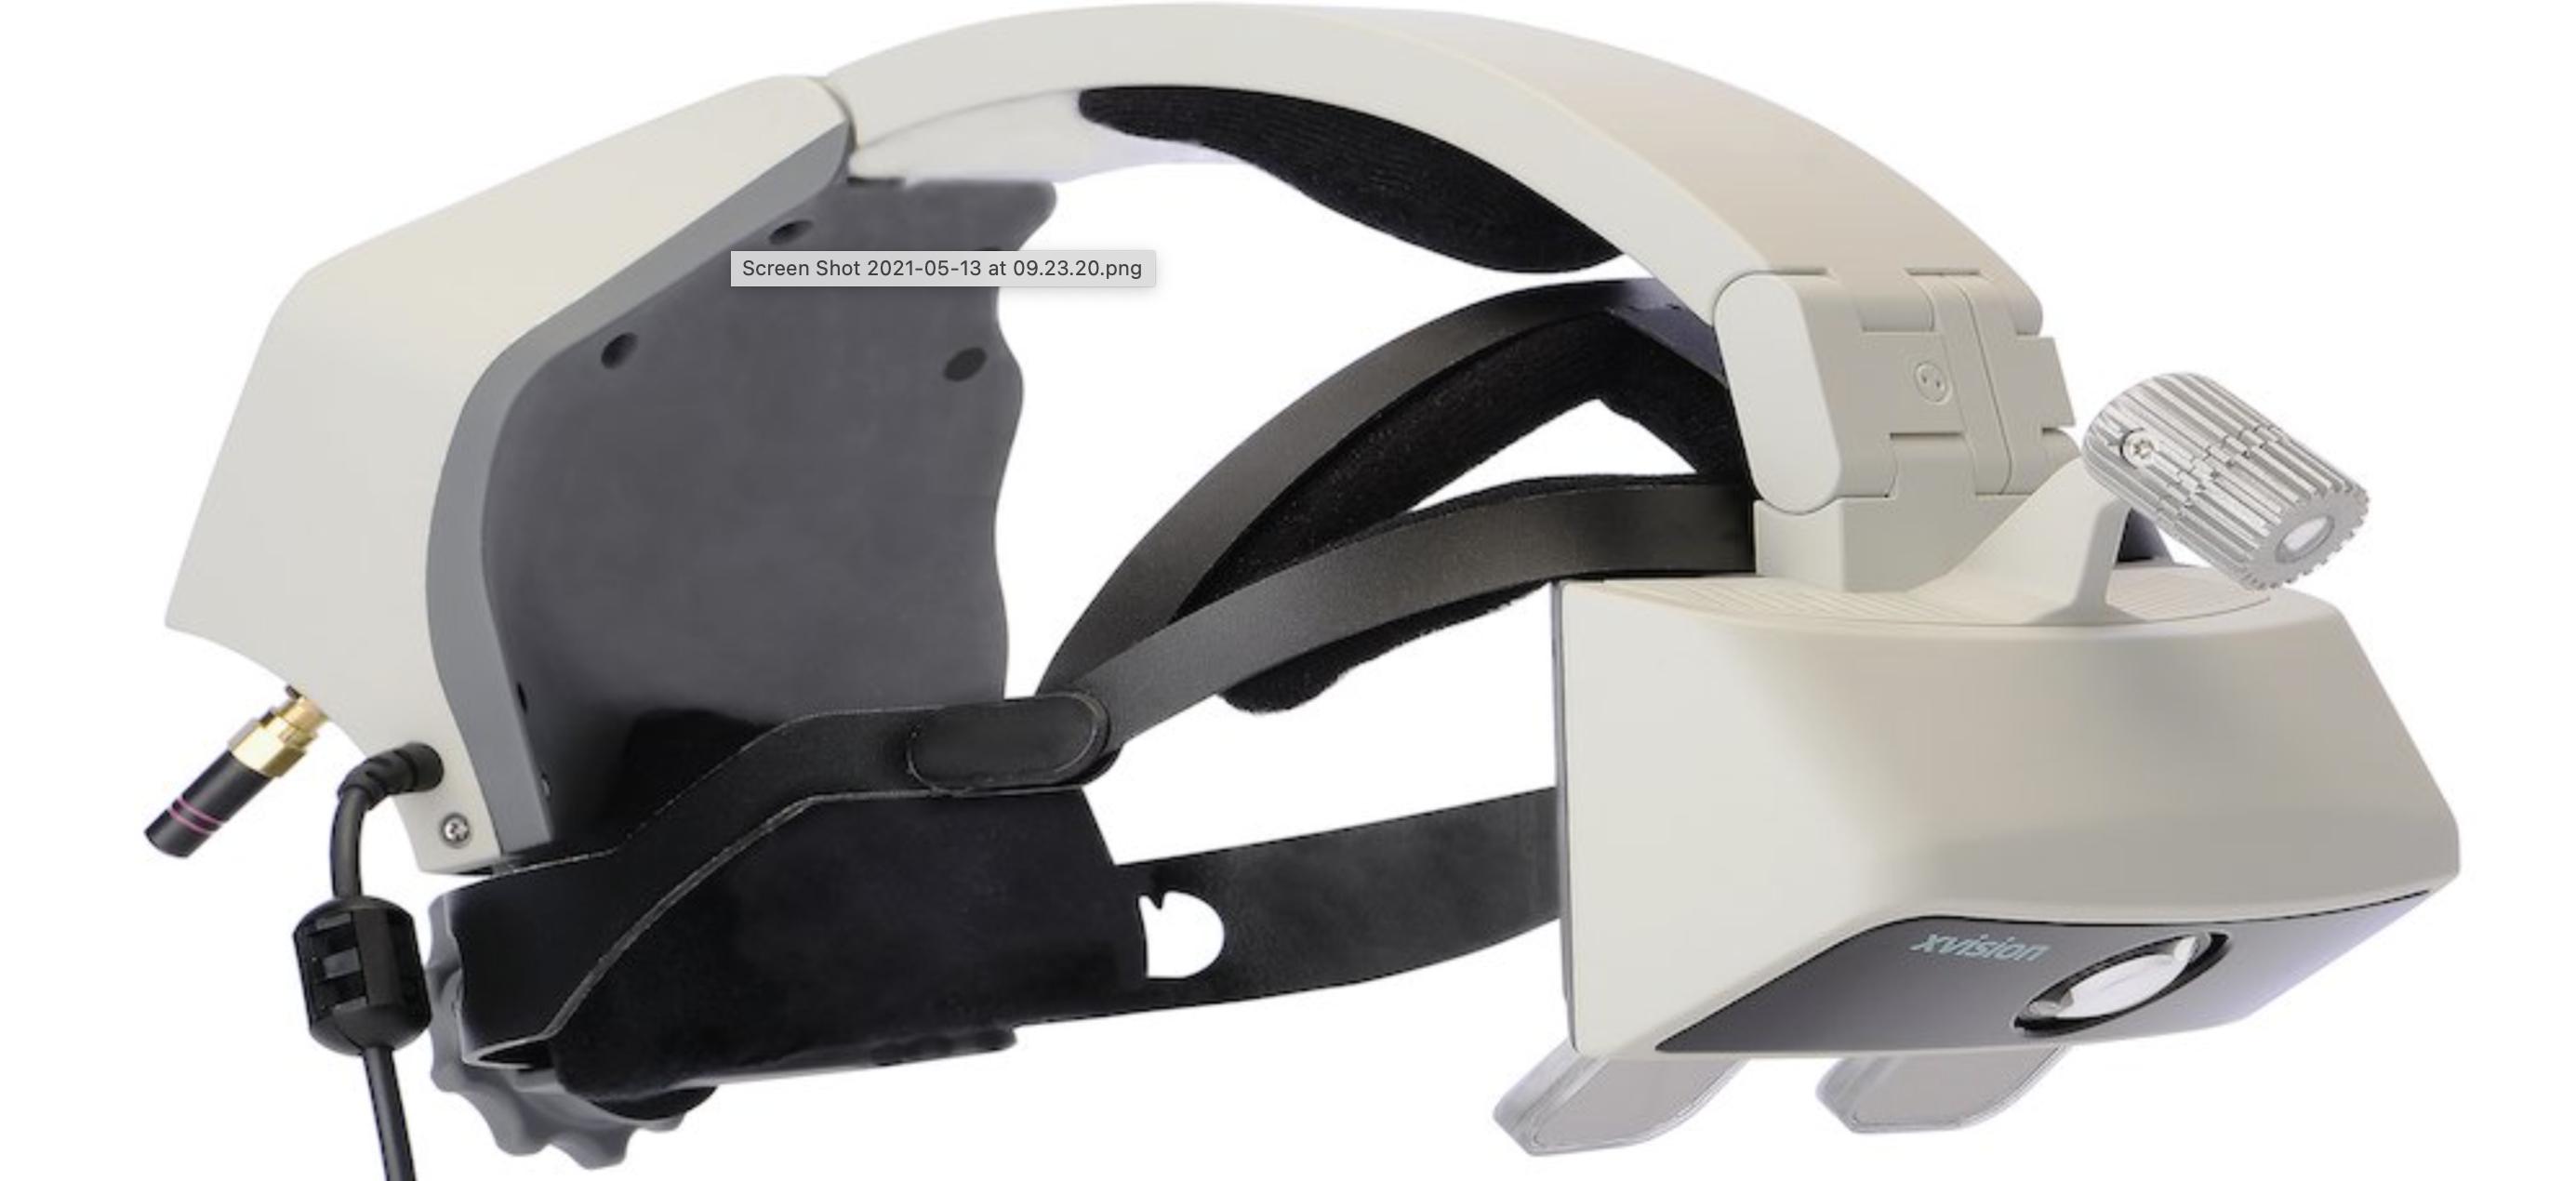 Obrazek przedstawia headset AR, który został wykorzystany do przeprowadzenia opisywanej w tekście operacji.